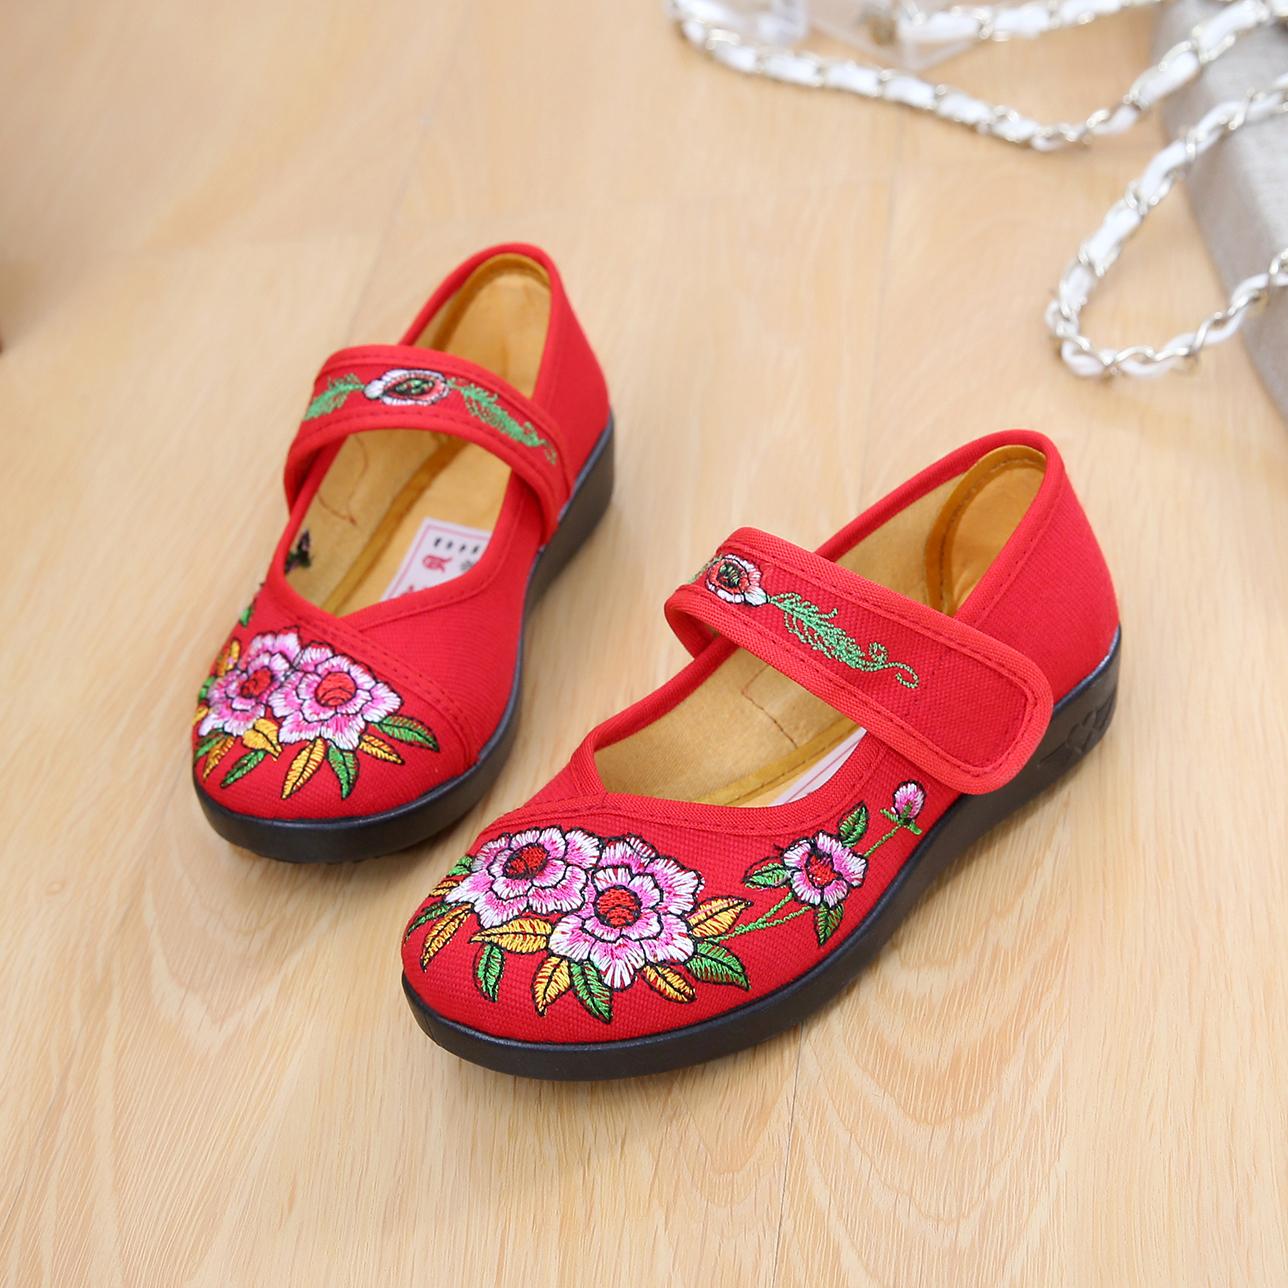 老北京儿童手工布鞋女童鞋民族风绣花鞋舞蹈表演红鞋女休闲鞋学生